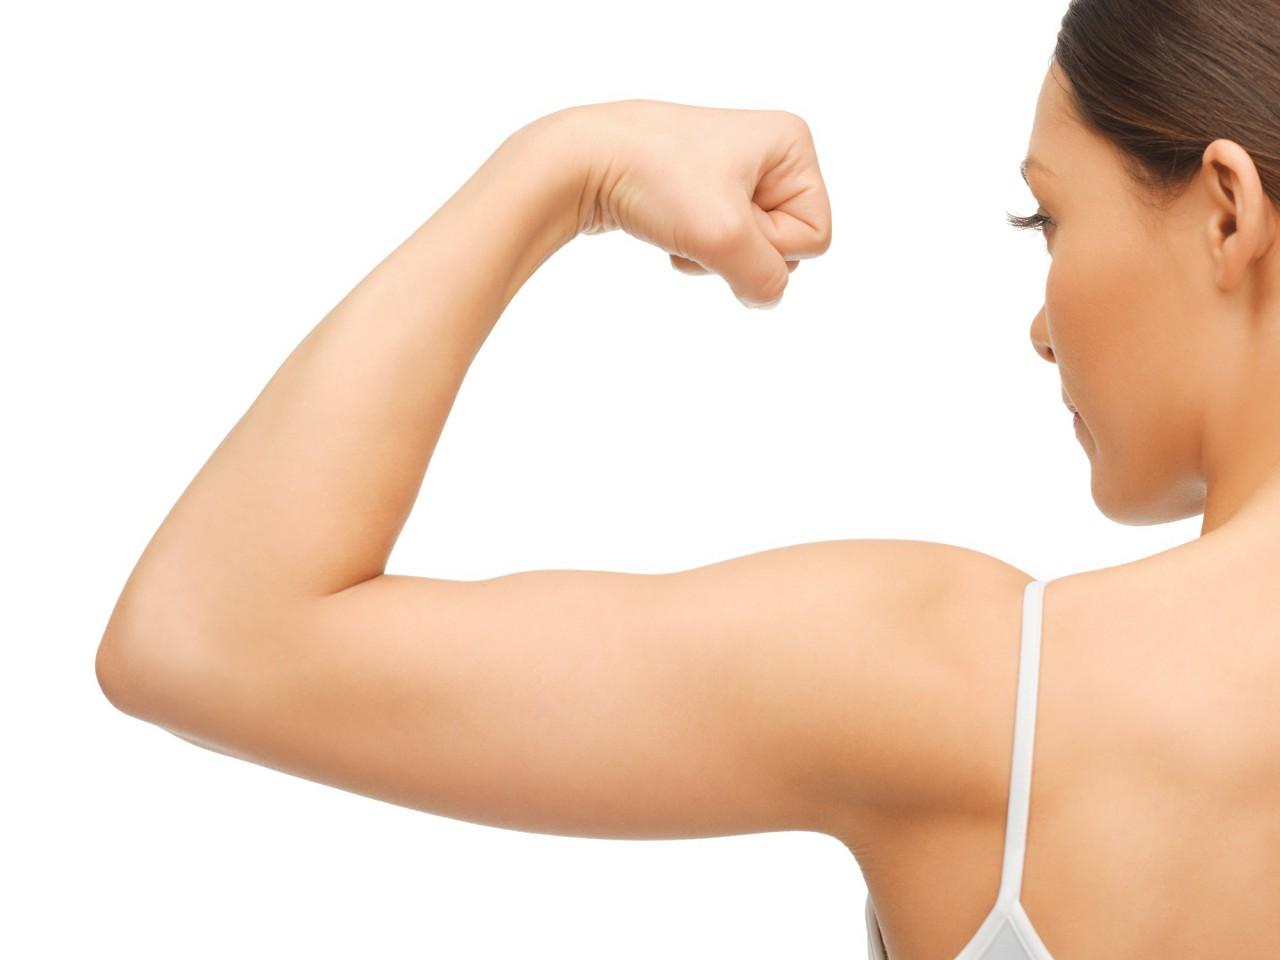 Причины повышенного тестостерона у мужчин и методы его снижения